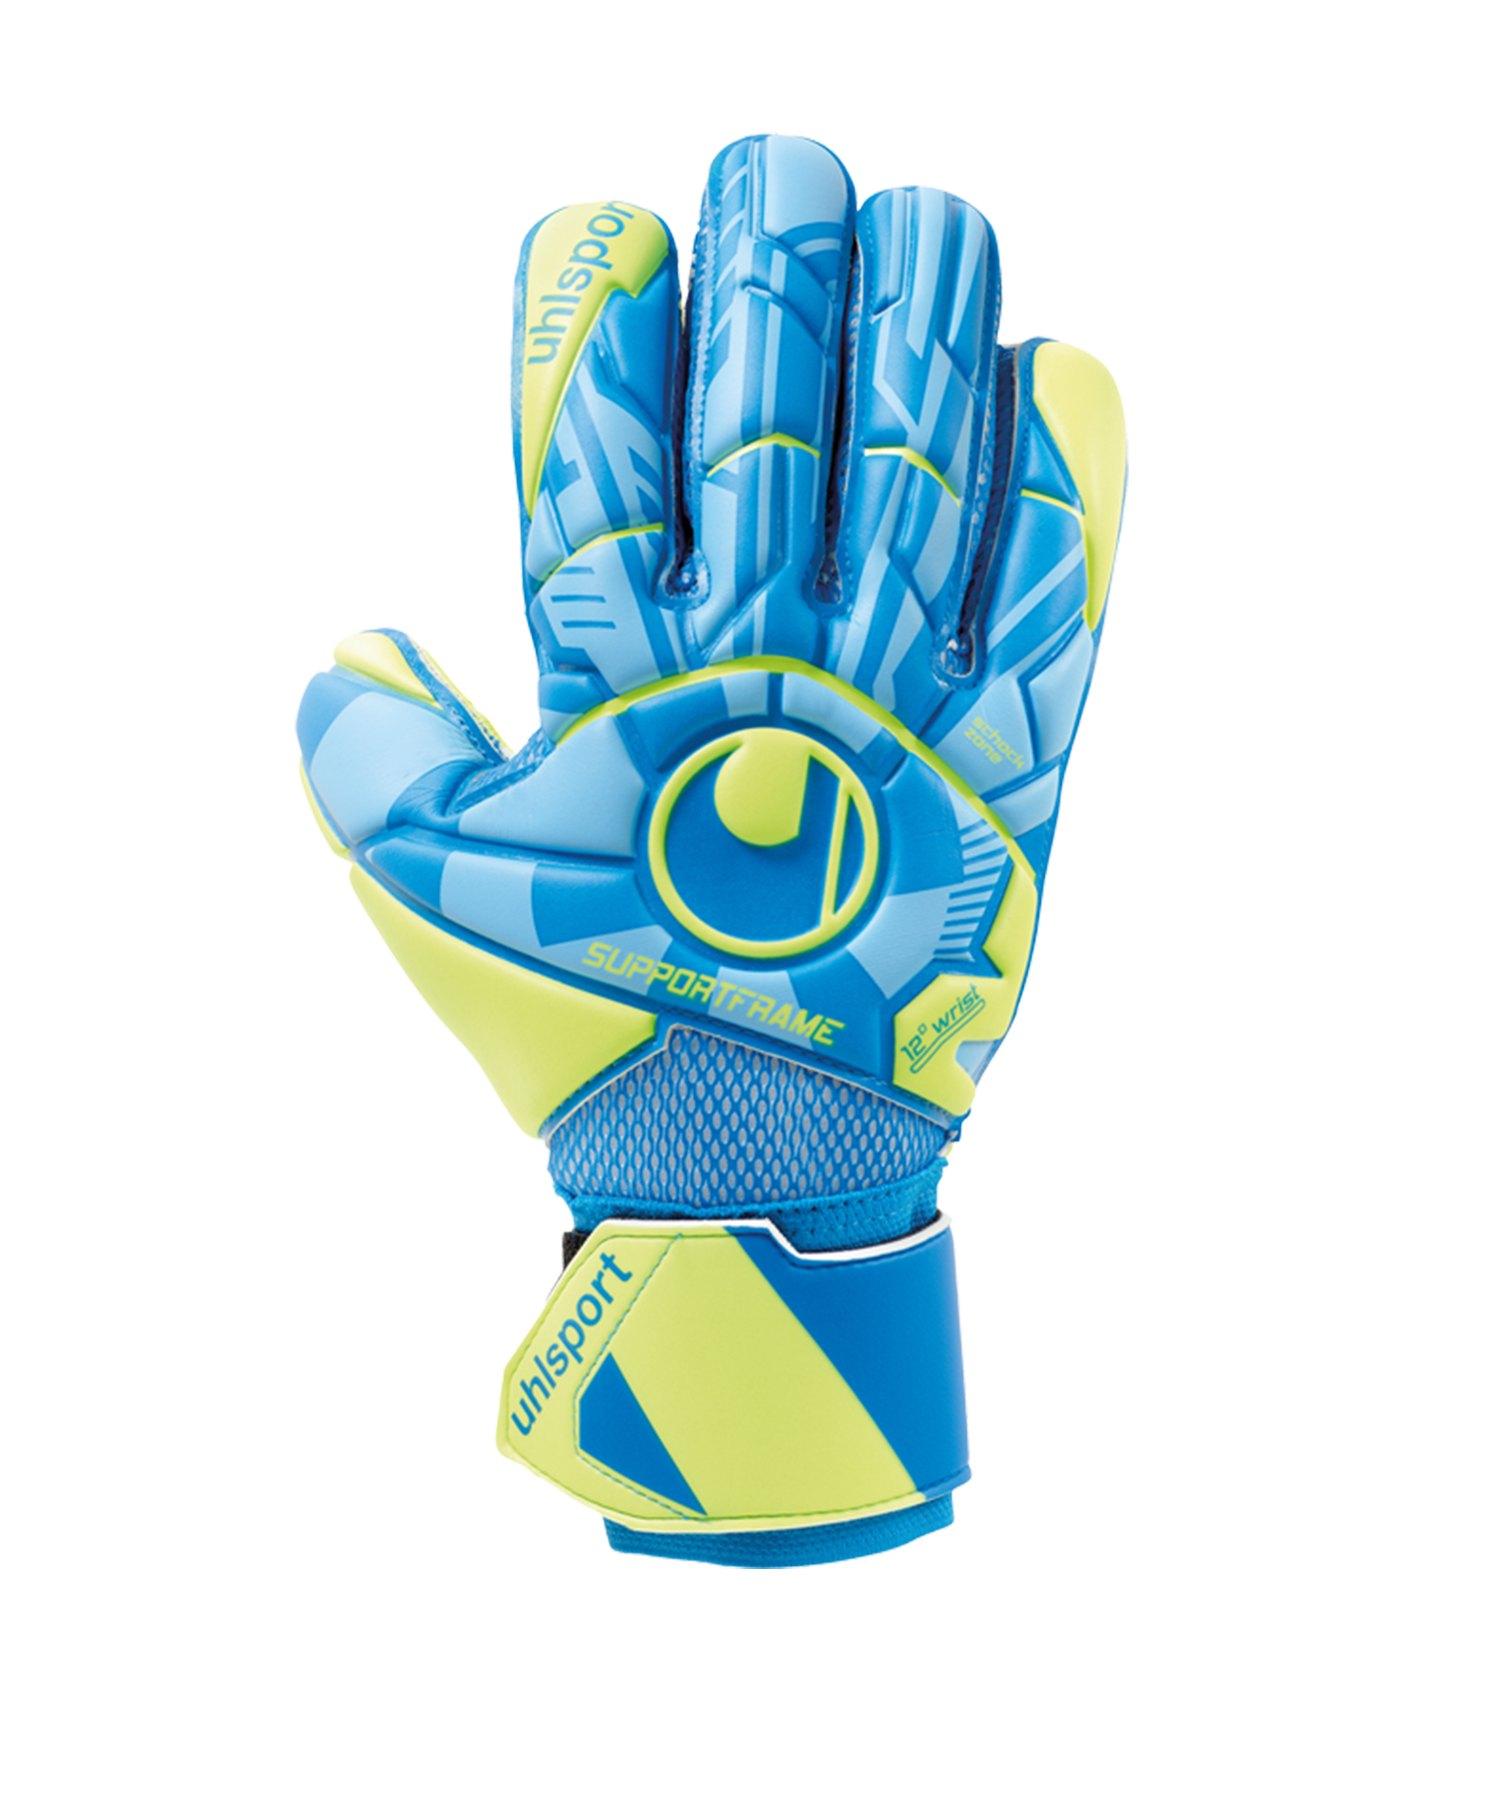 Uhlsport Radar Control Soft SF Handschuh F01 - Blau